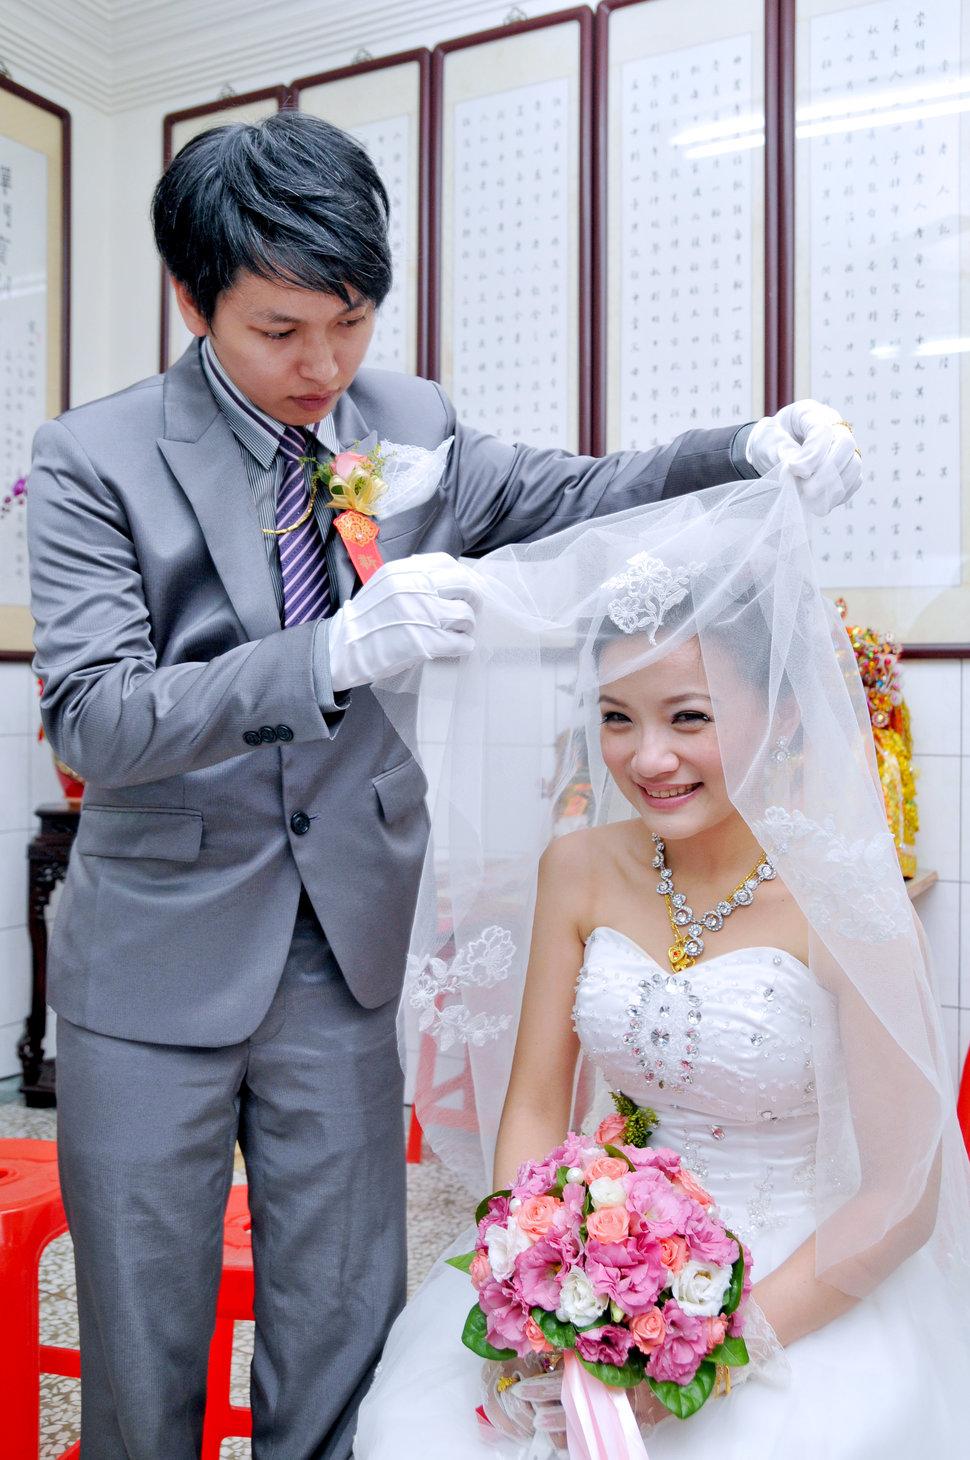 登璿&湘敏 迎娶_052 - 克里斯 婚禮紀錄 - 結婚吧